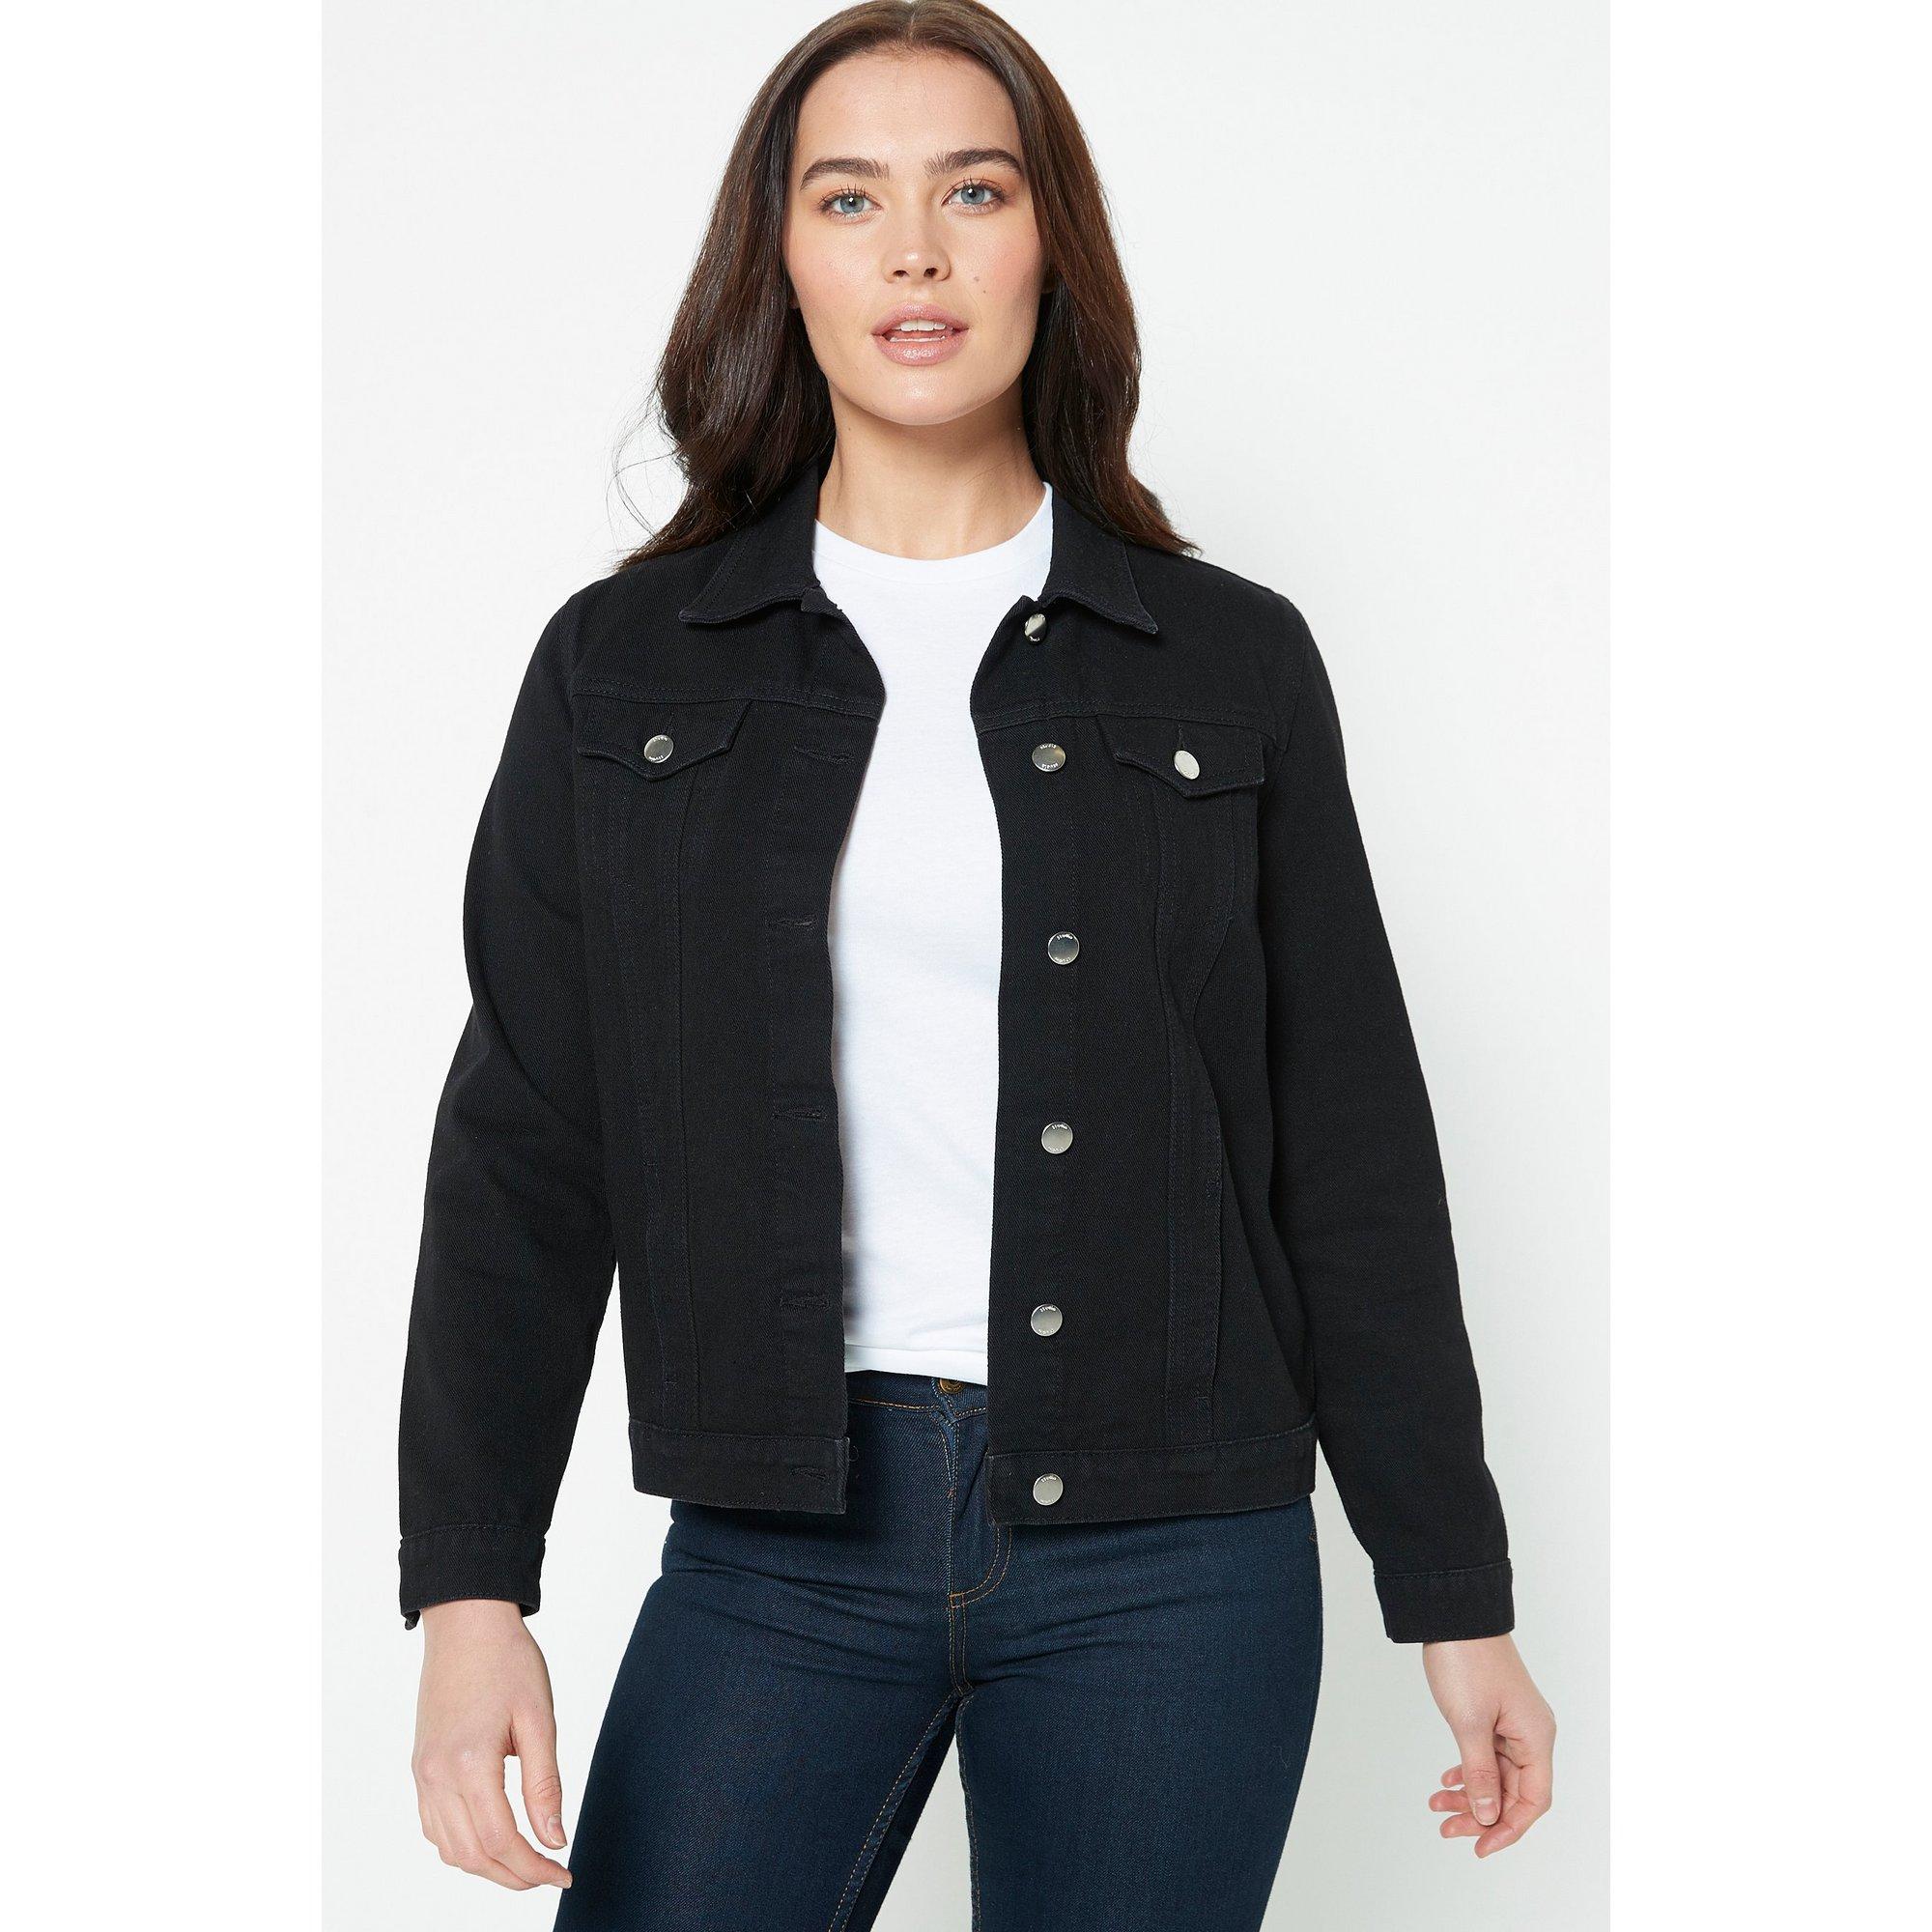 Image of Basic Black Denim Jacket